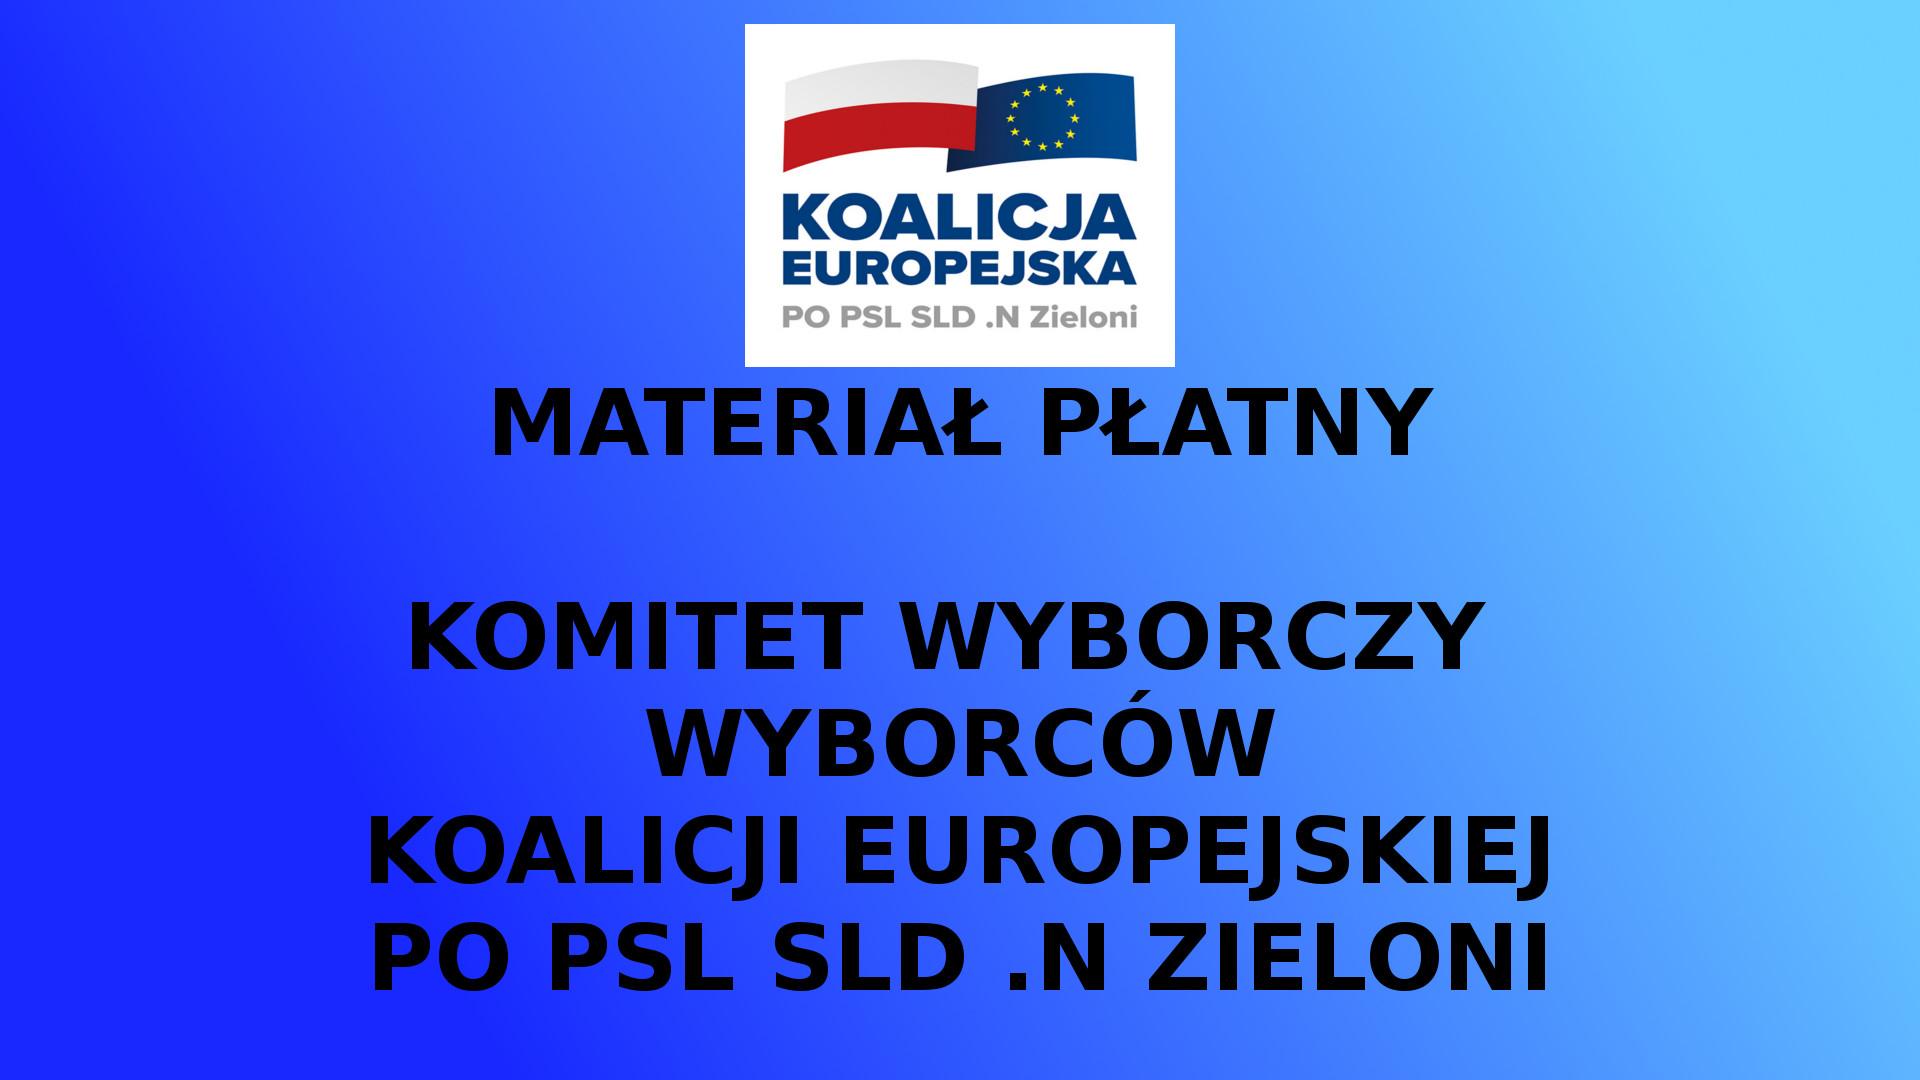 MATERIAŁ PŁATNY Spot Wyborczy Komitet Wyborczy Wyborców Koalicja Europejska – Paweł Bejda